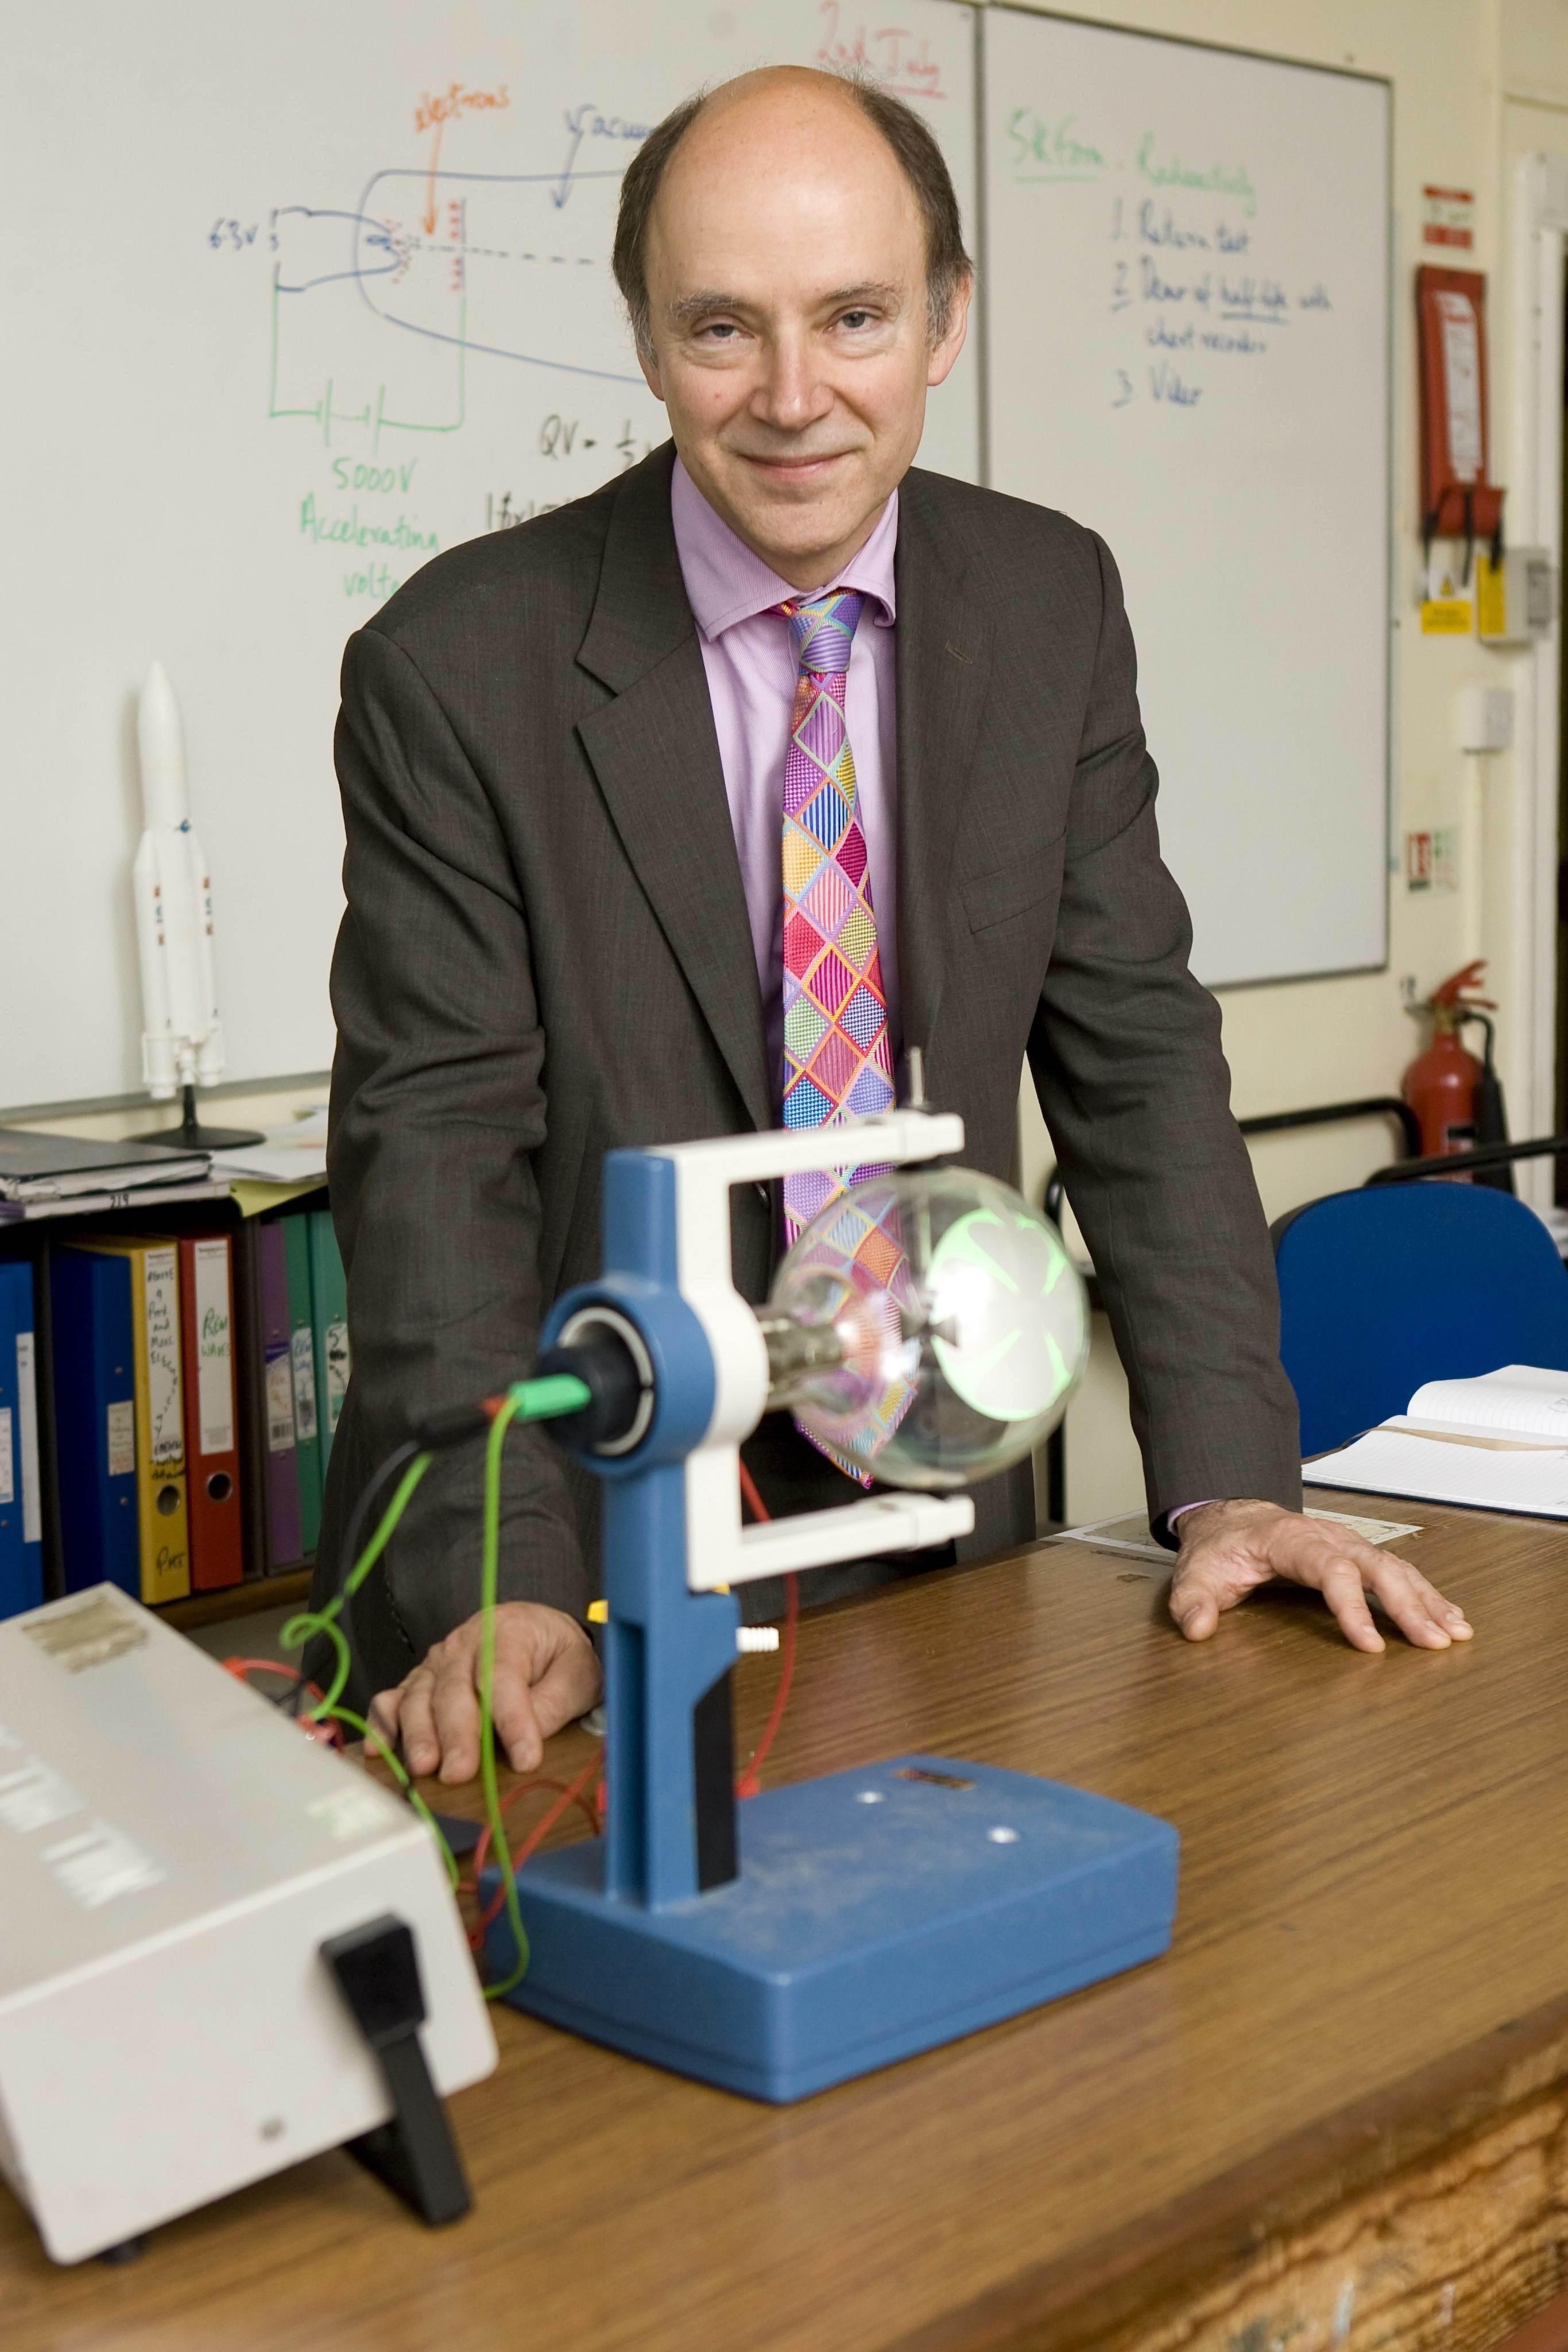 Philip in Lab